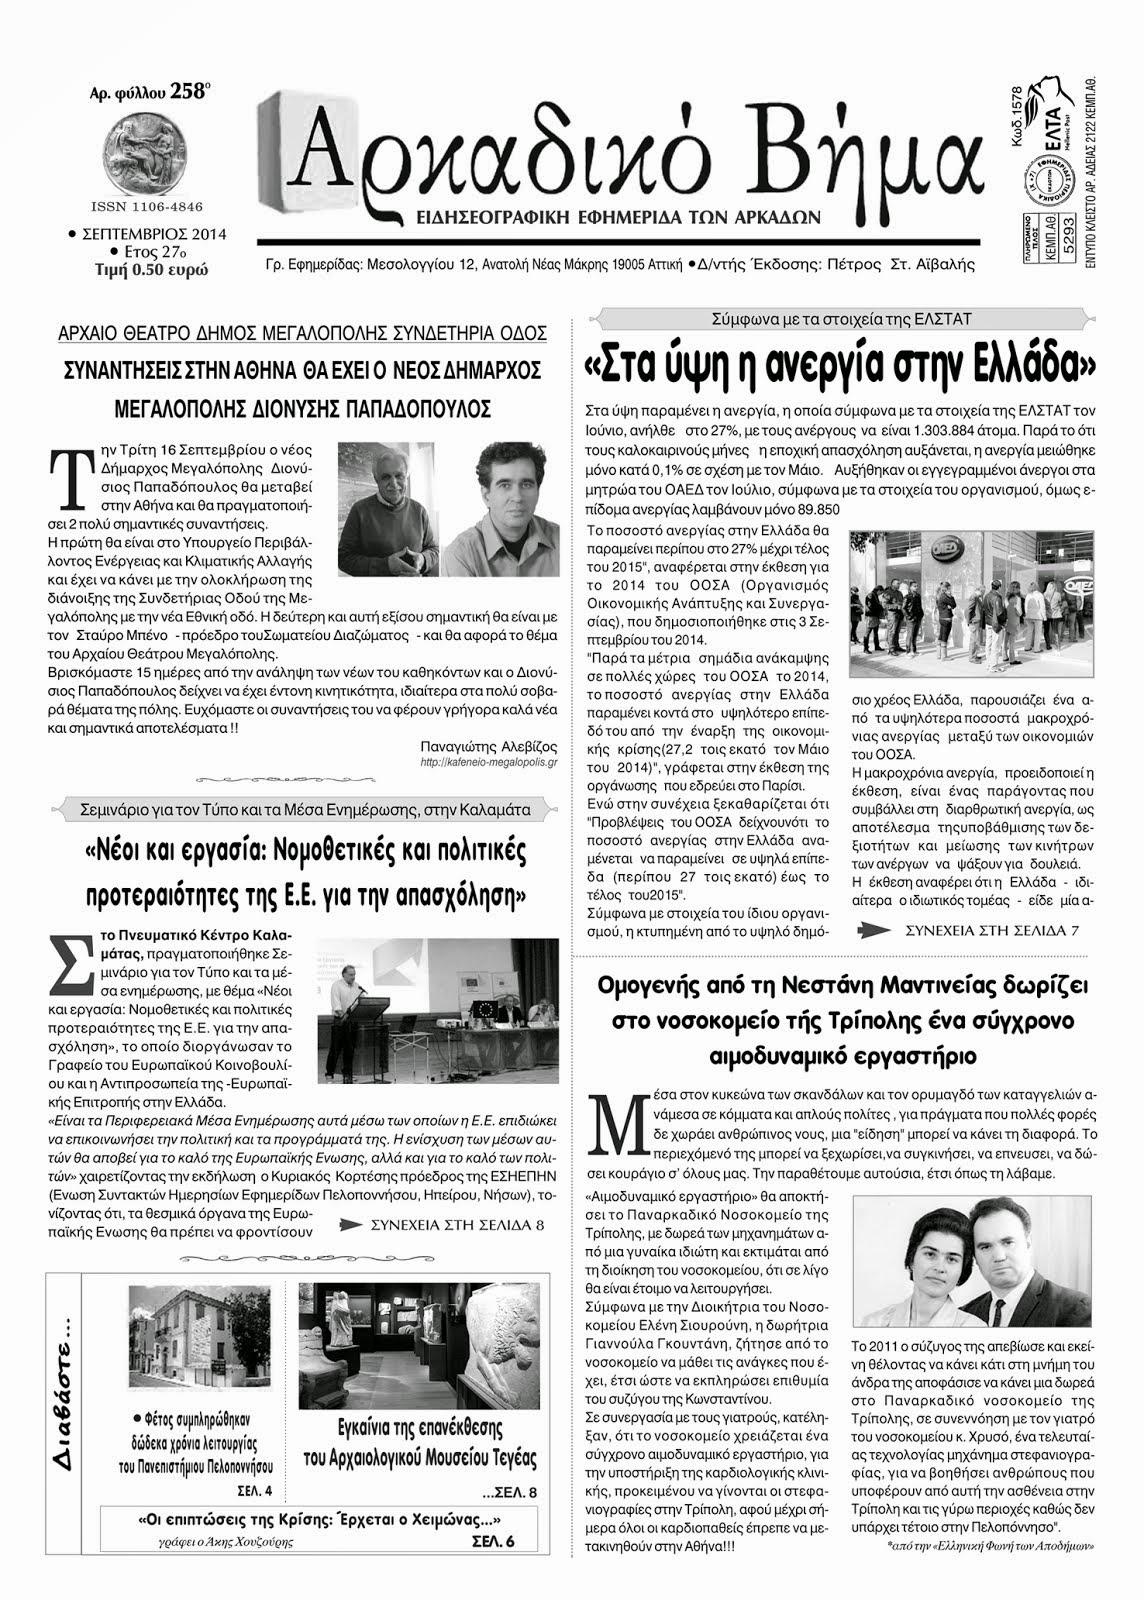 Αρκαδικό Βήμα - Κυκλοφόρησε το νέο φύλλο της εφημερίδας